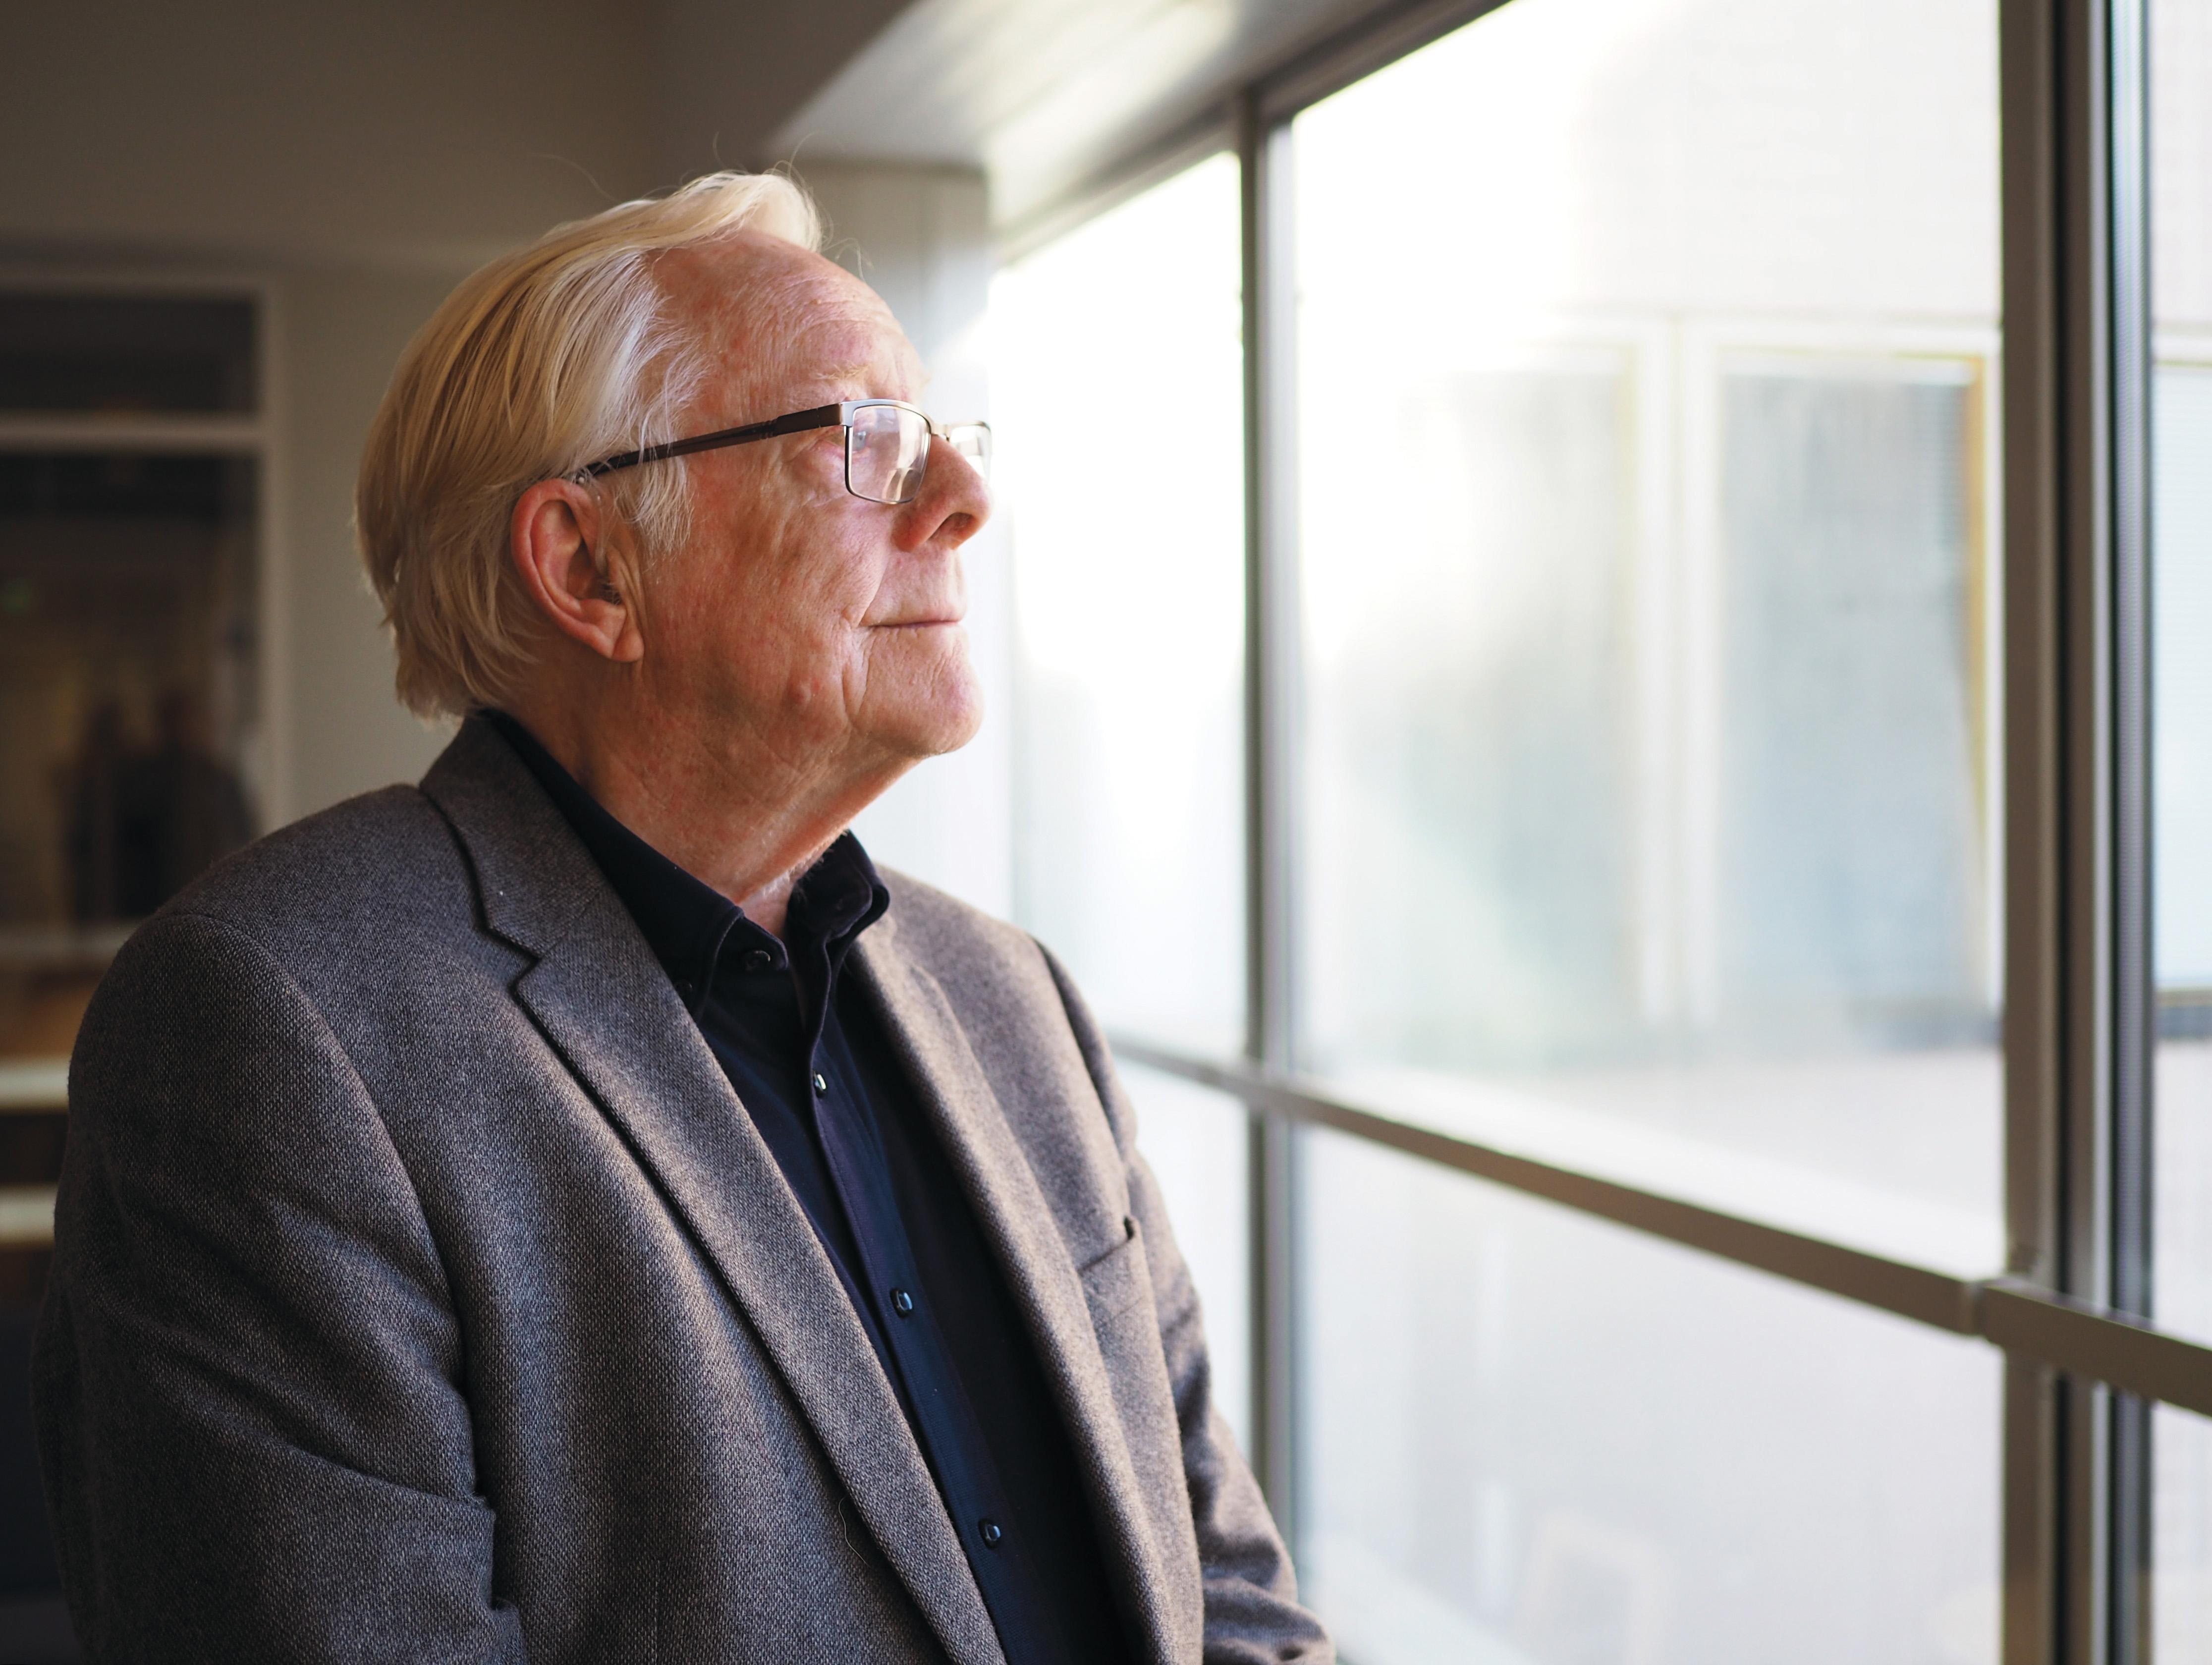 Suhteellinen köyhyys on lisääntynyt Ruotsissa, sanoo Göran Therborn.